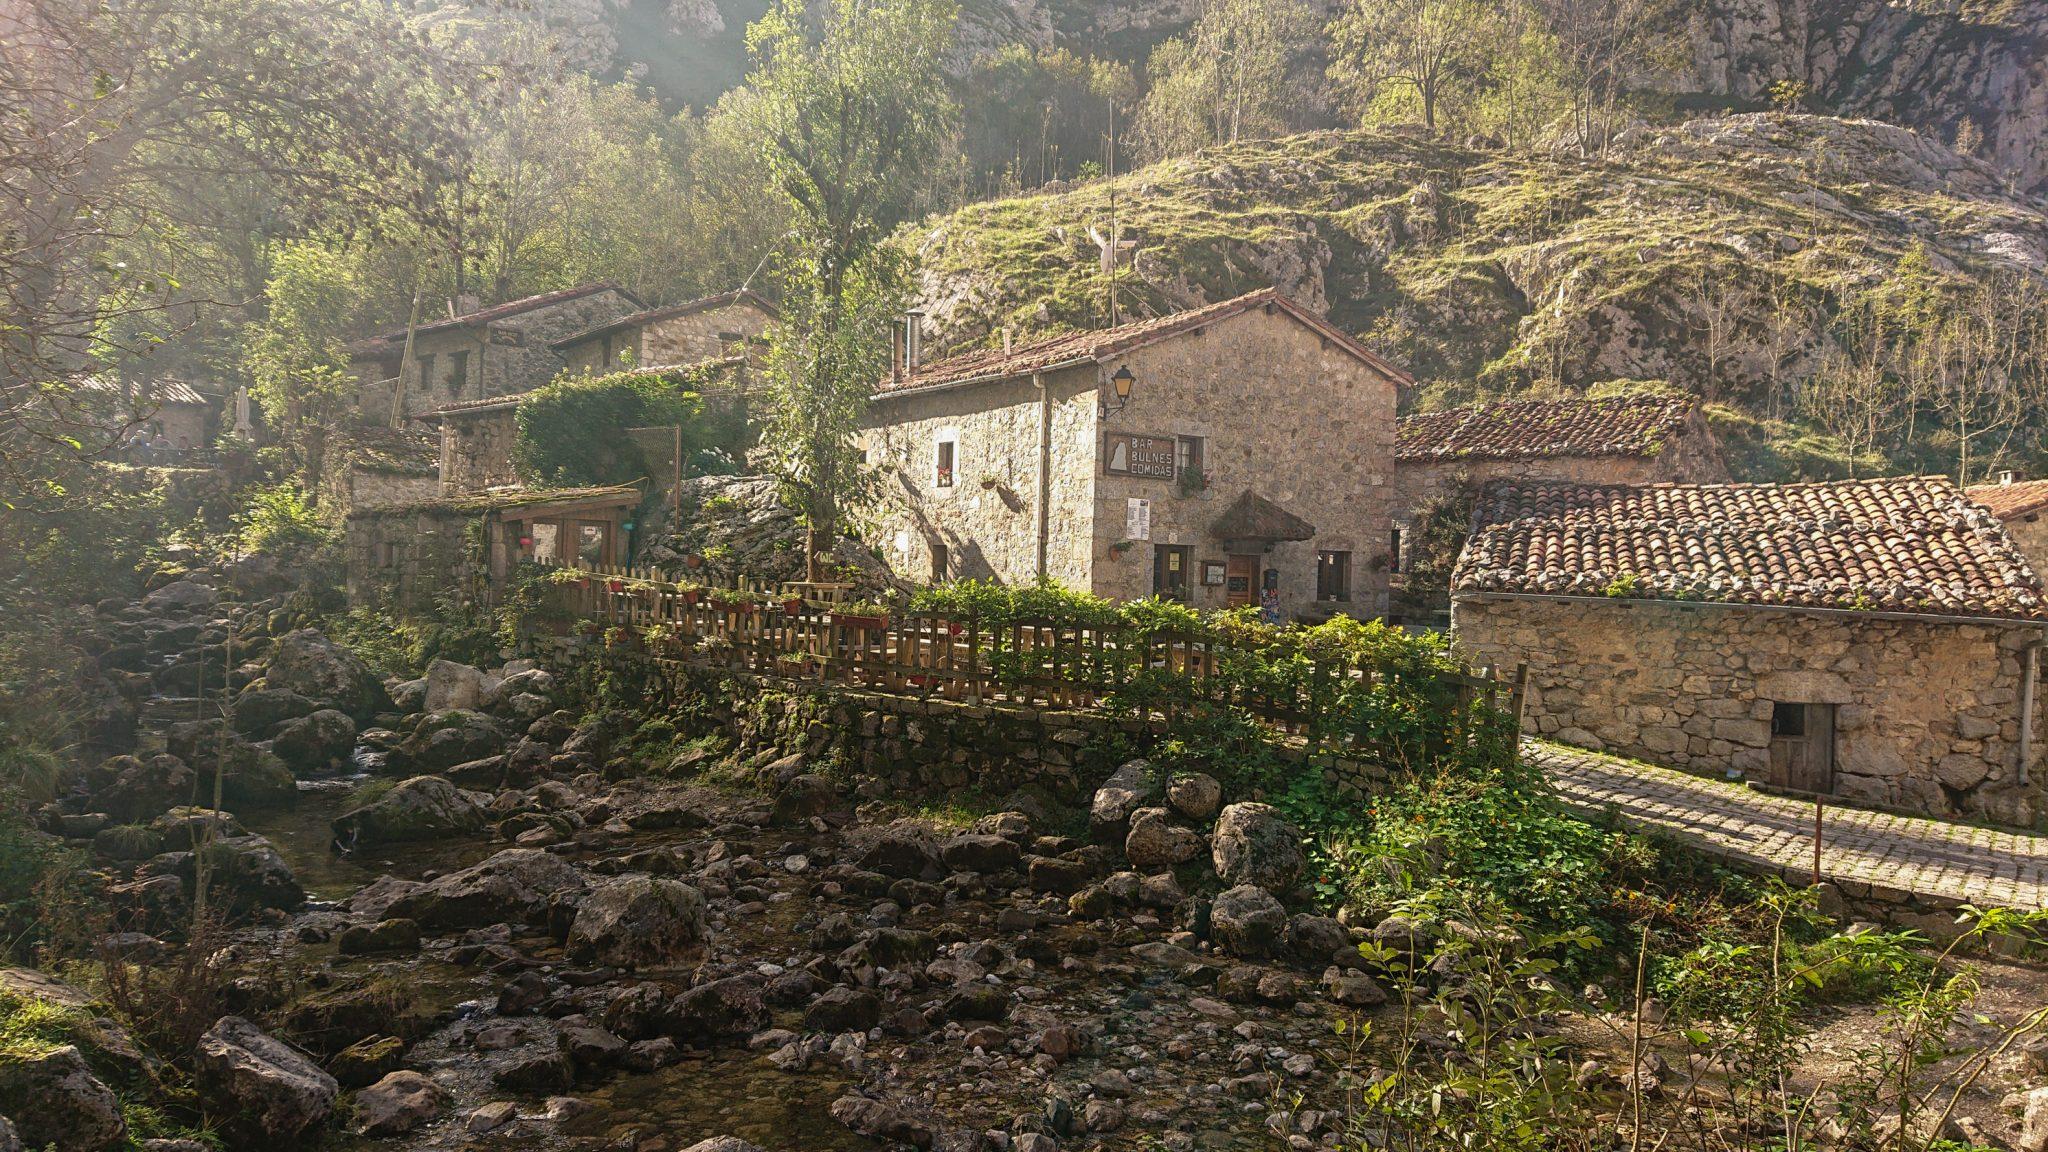 Wanderung Poncebos nach Bulnes in den Picos de Europa, kleiner Ort Bulnes mit wenigen Häusern, am kleinen Fluss, mit Auto nicht erreichbar